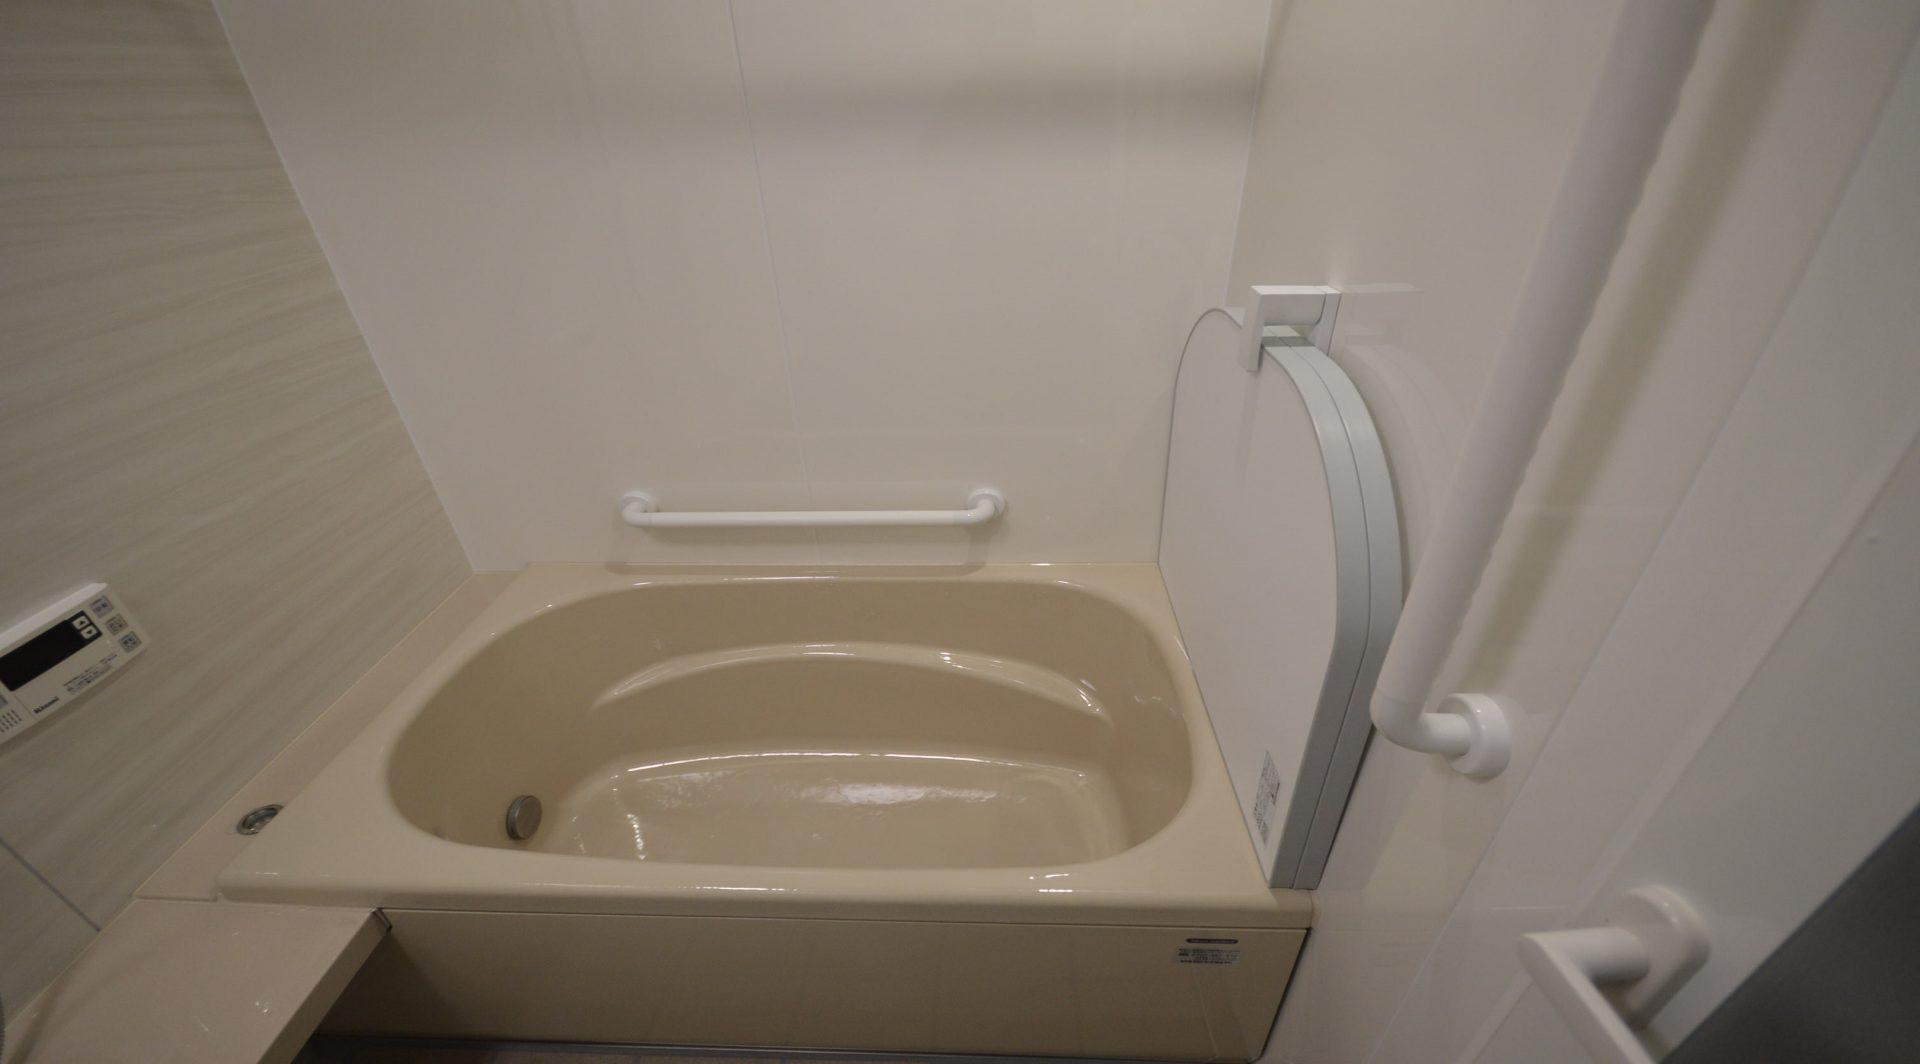 鉄がベースの安定感がある浴槽。<br/>浴槽自体の蓄熱効果で体の芯まで温まります。